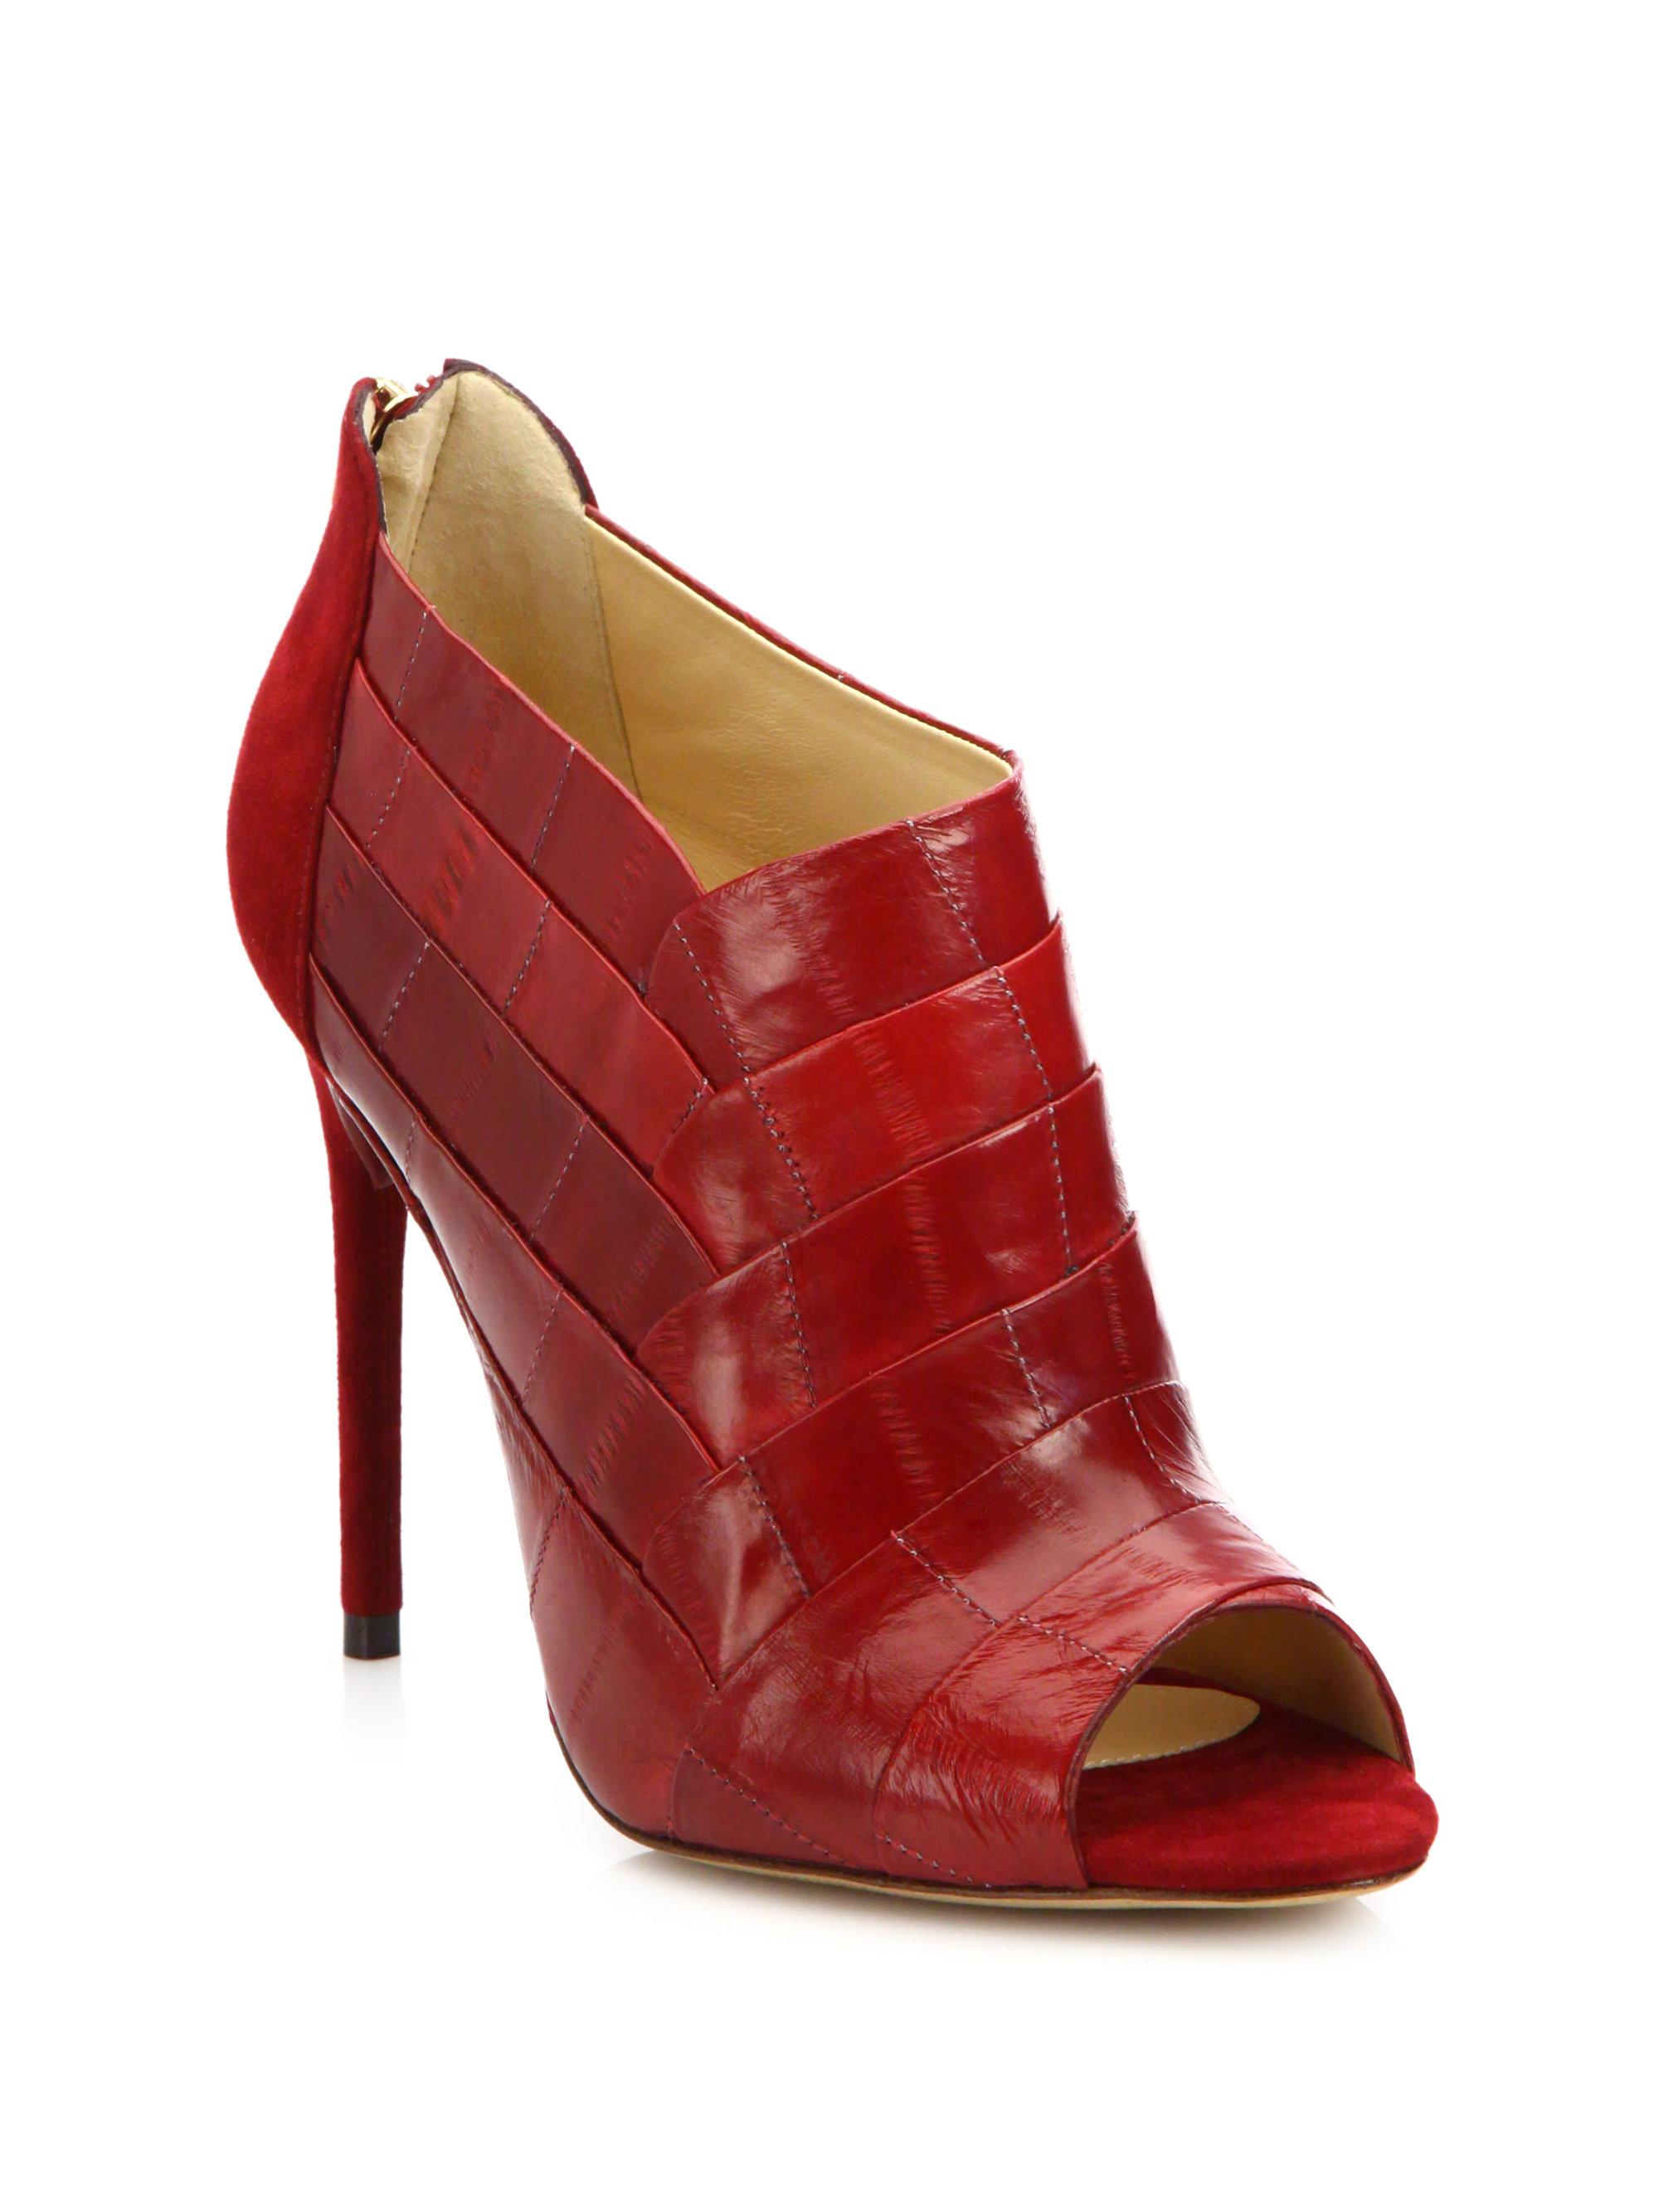 sale popular sale under $60 Alexandre Birman Snakeskin Peep-Toe Booties cMOwT8hUo